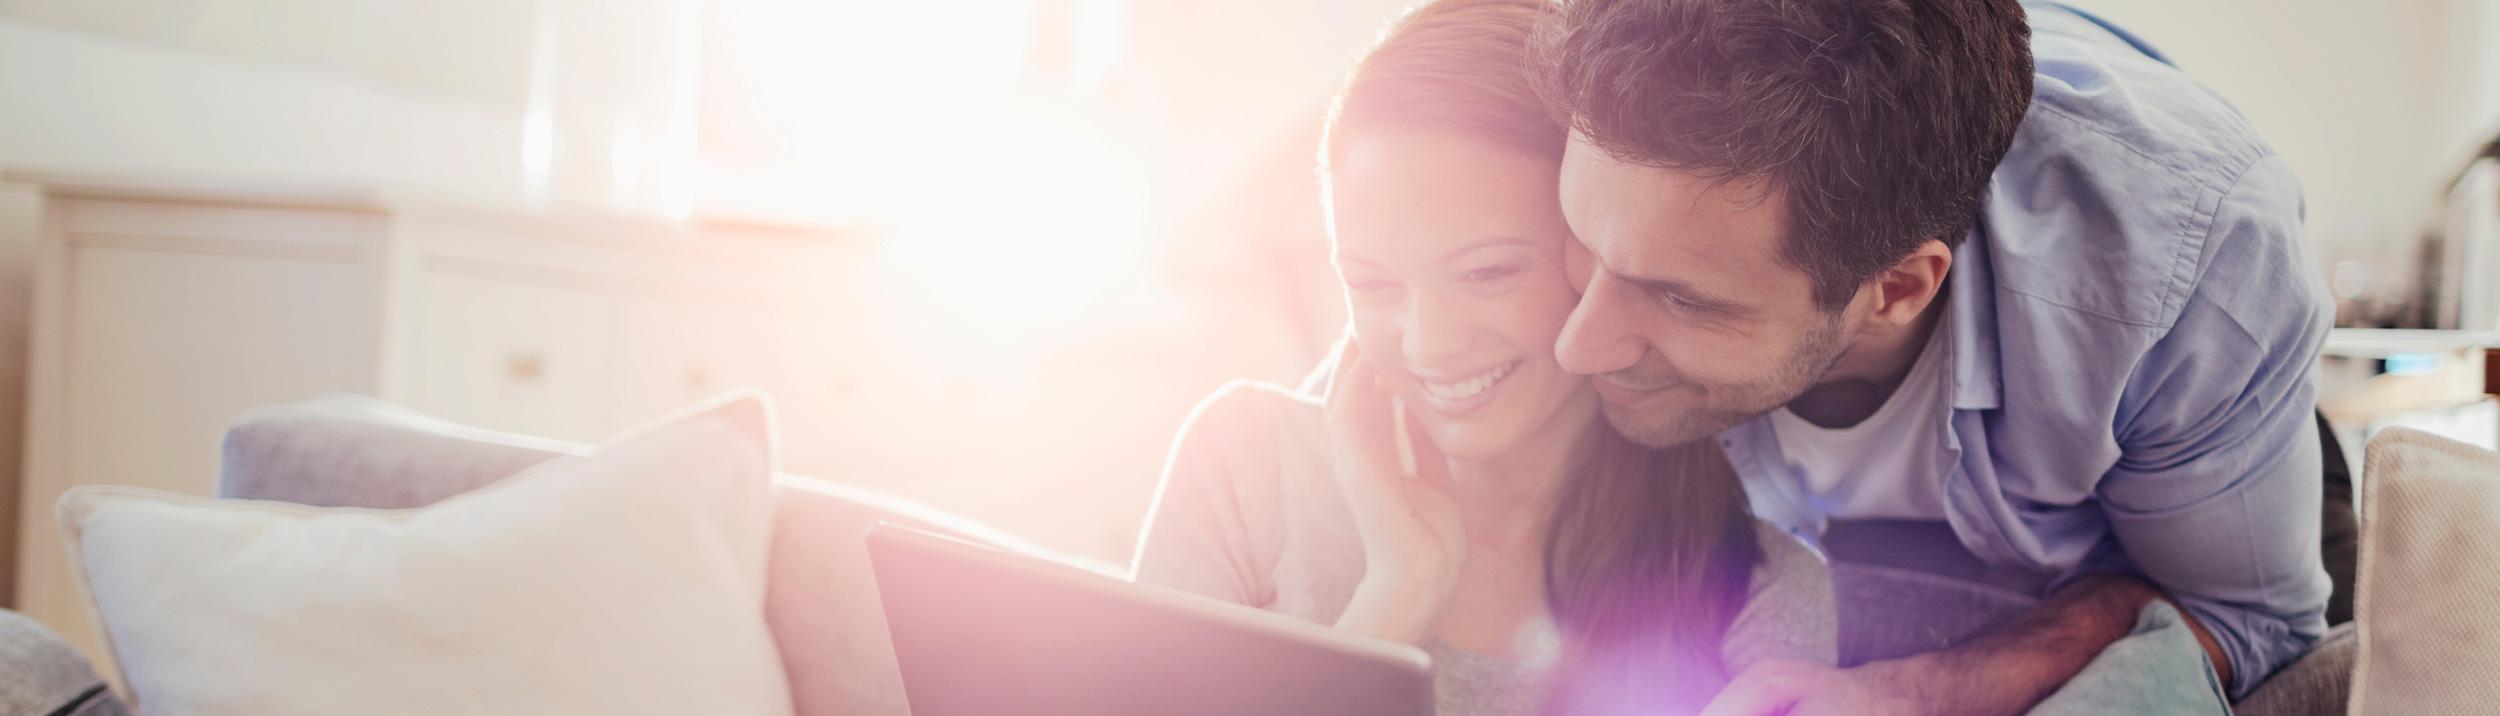 Frau und Mann schauen auf ein Tablett. Die Heizungssanierungen der Firma Urs Metzger ganz einfach online anfragen.